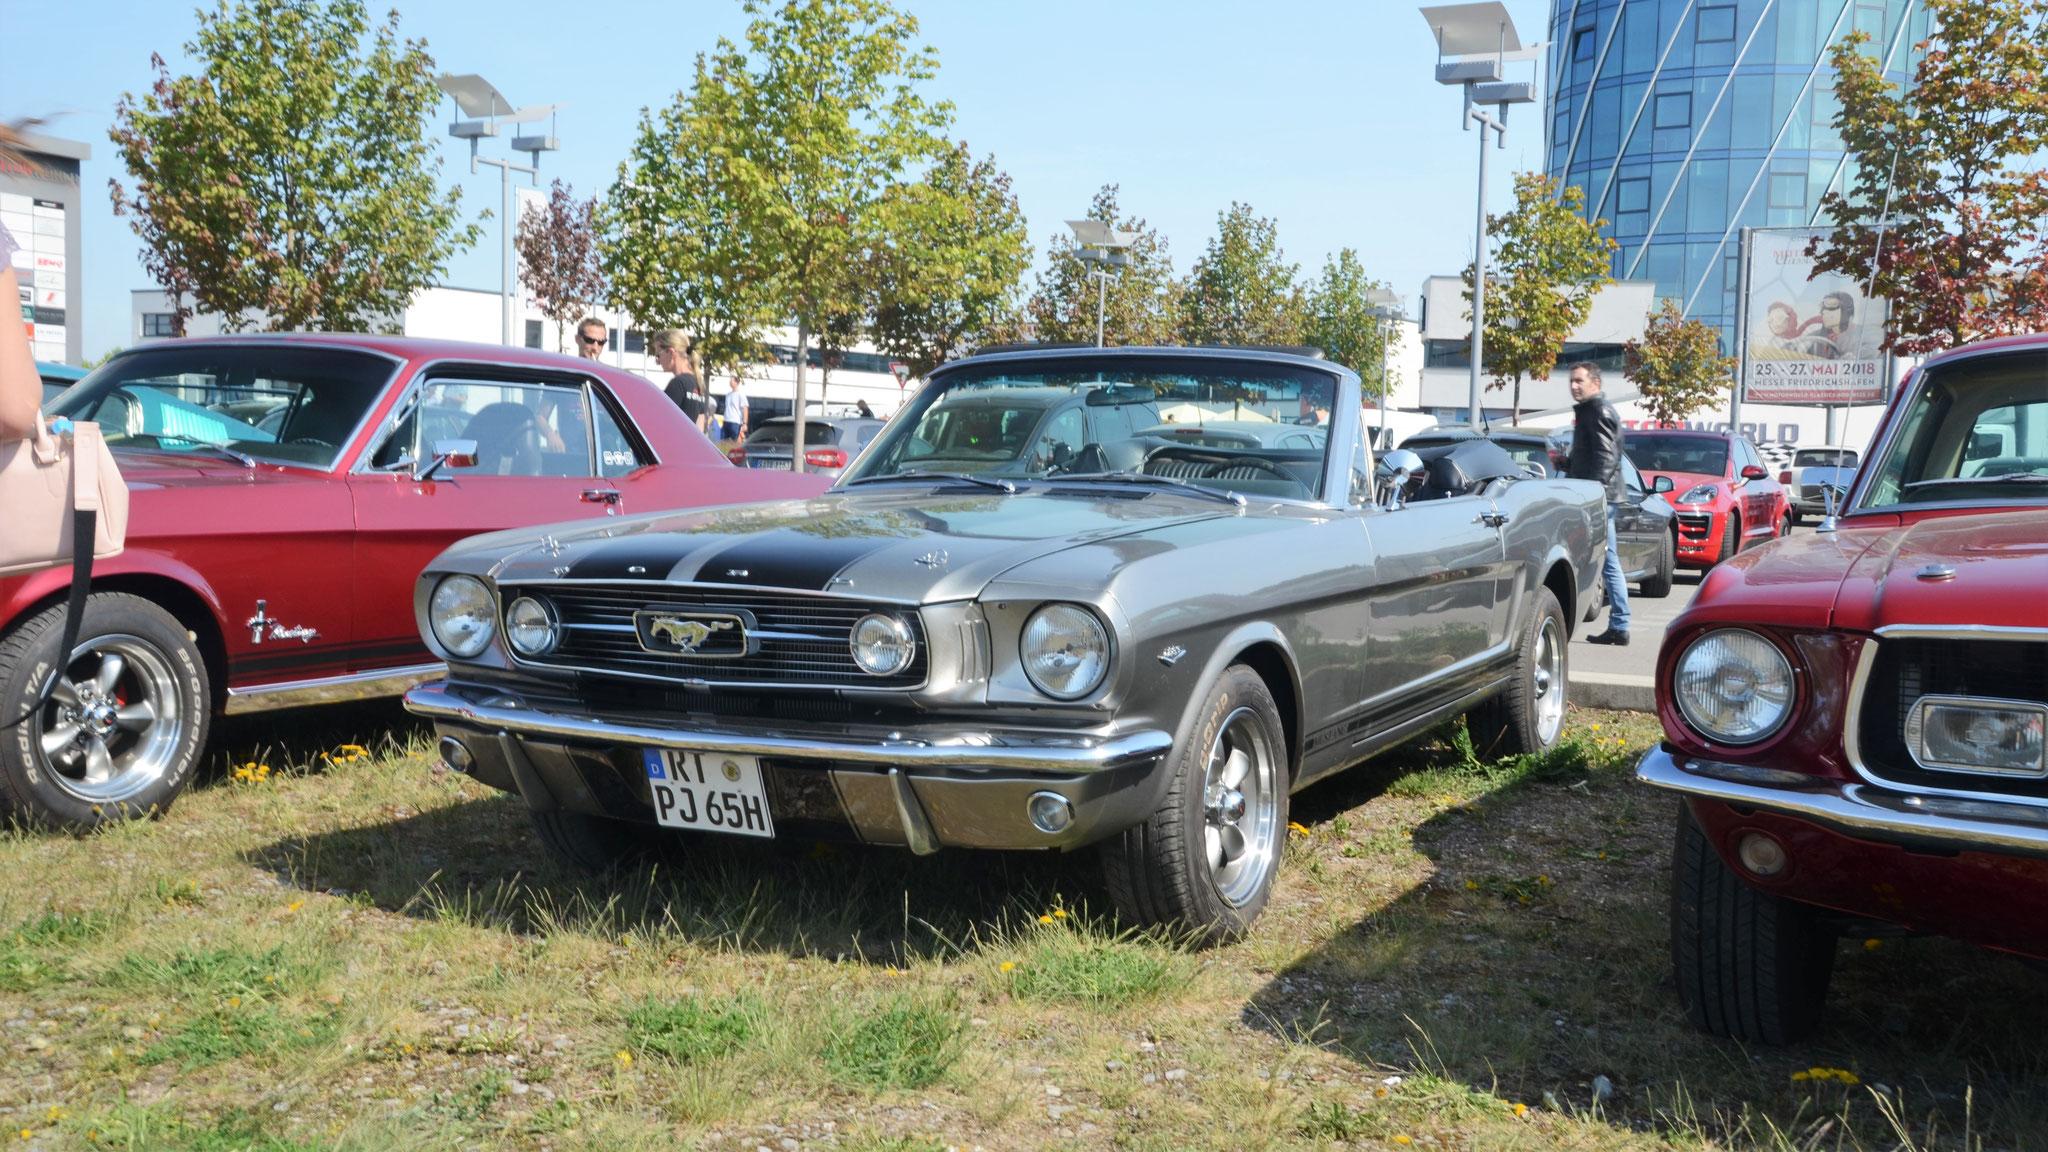 Mustang I Cabriolet - RT-PJ-65H